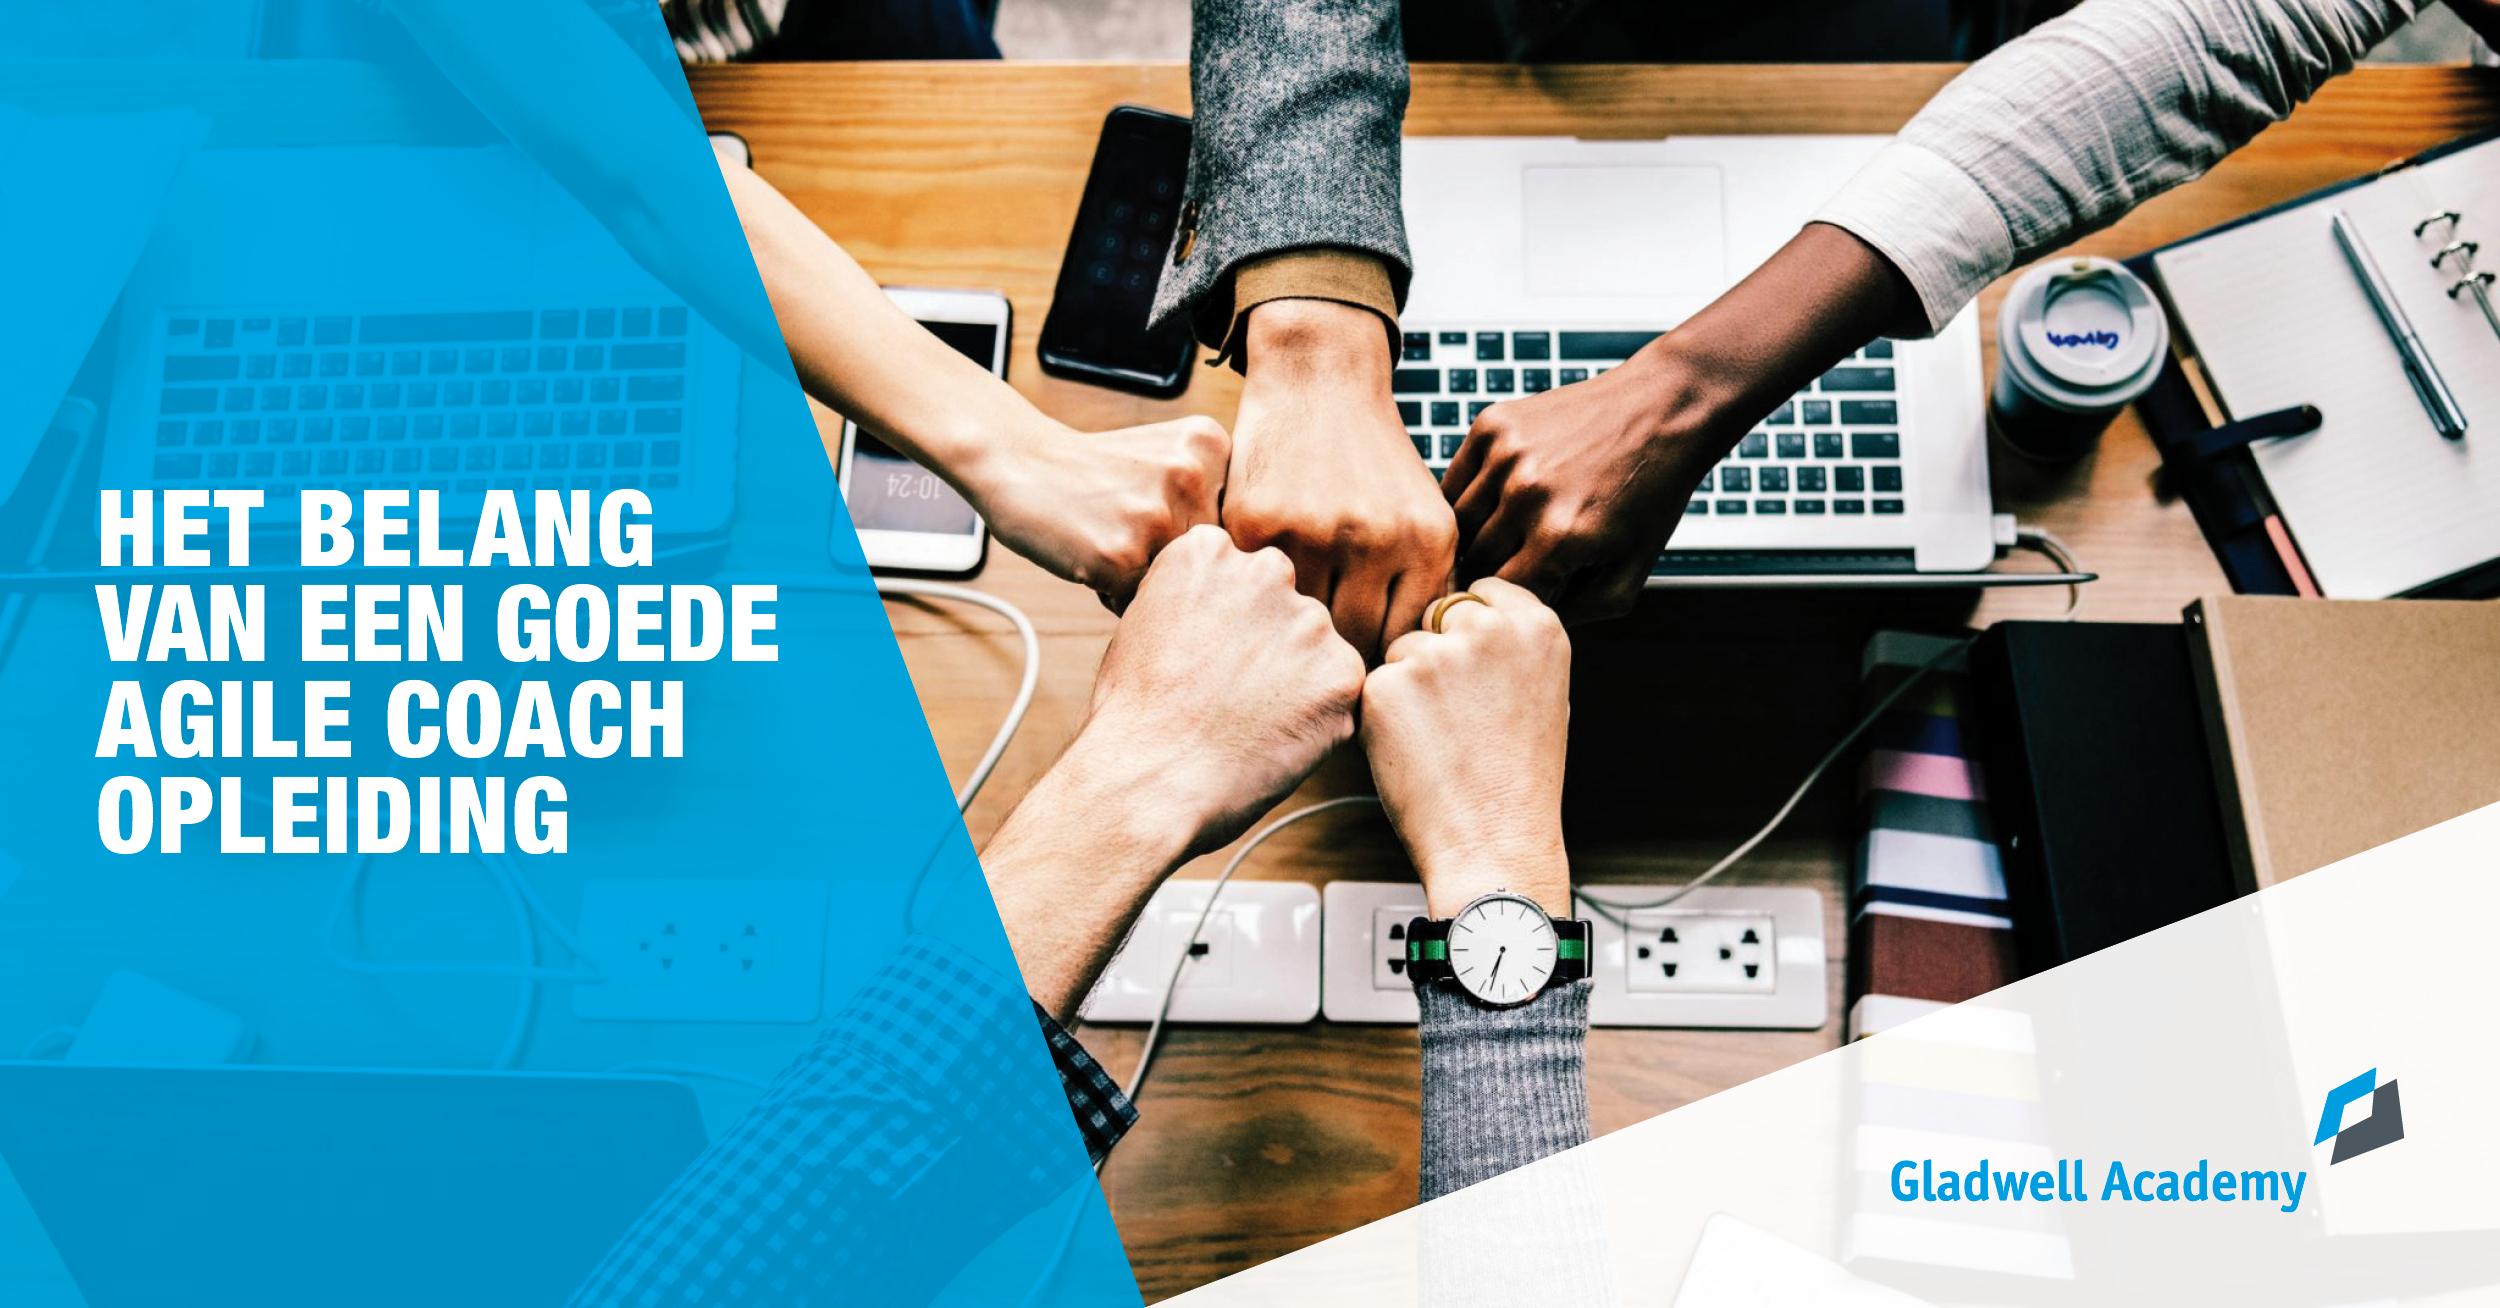 210429 AGCHBO open dag Banner Linkedin V1_3